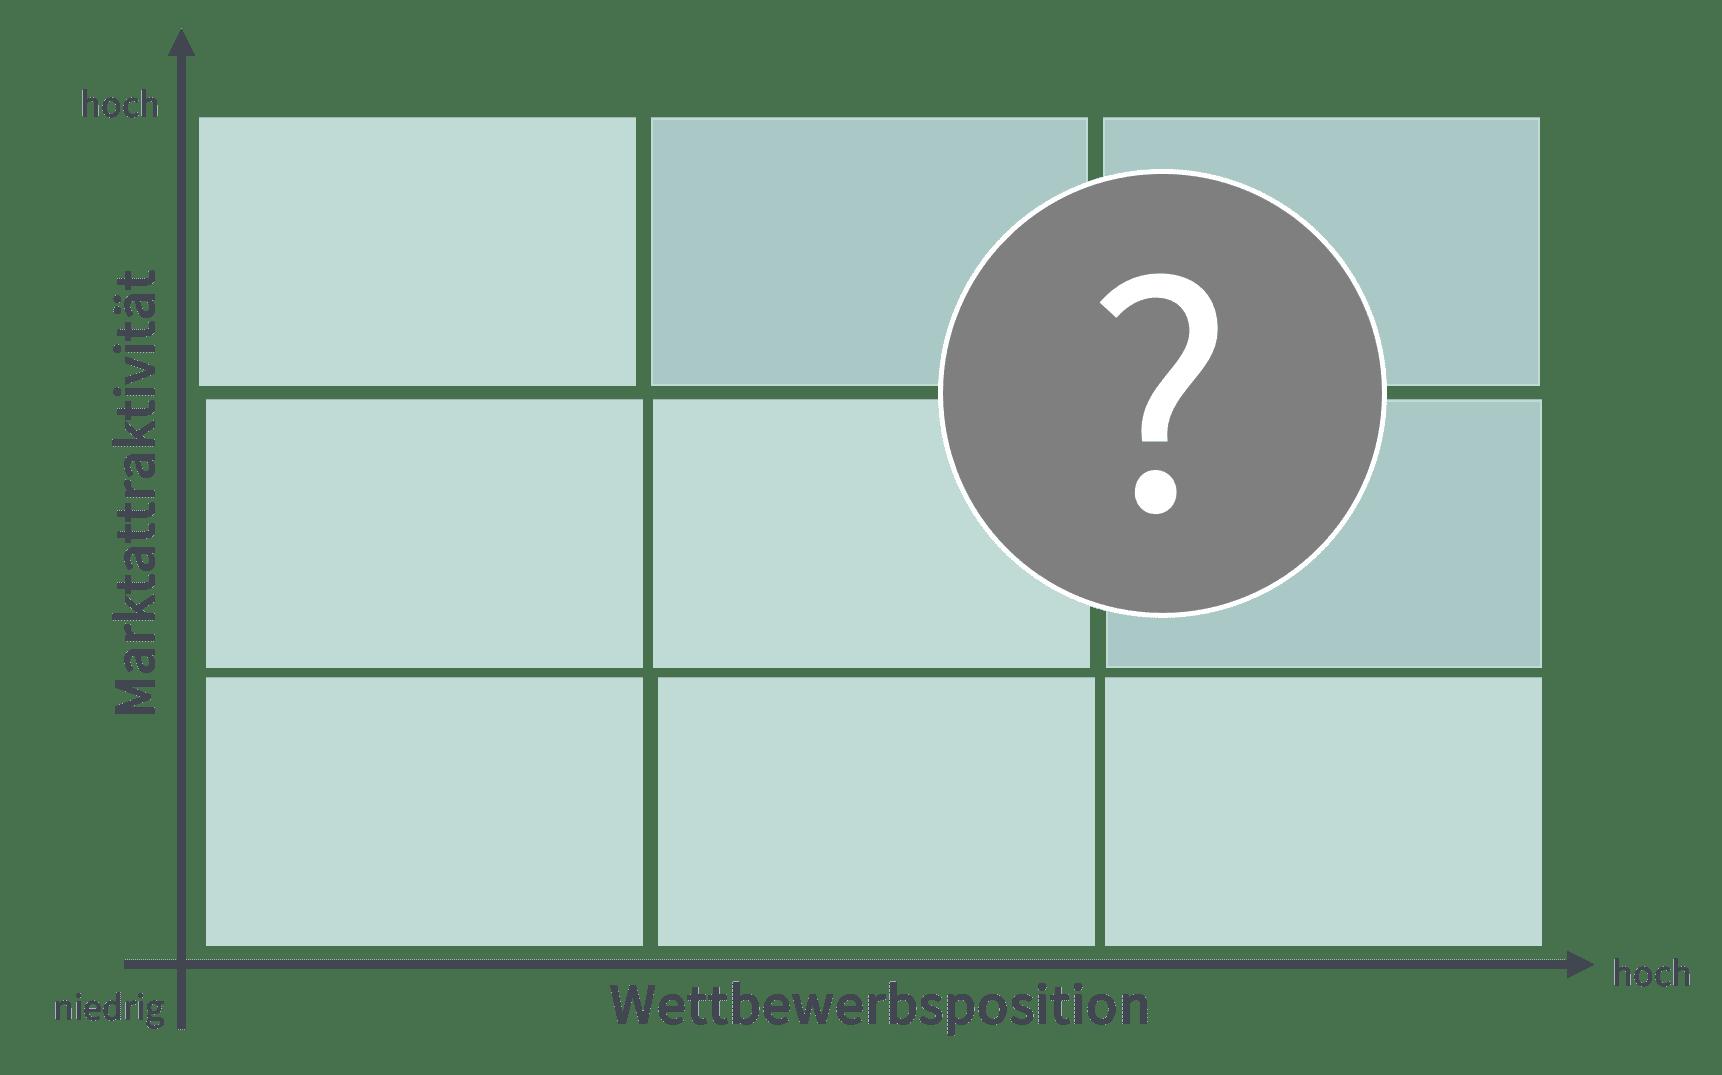 Das Bild zeigt eine 9 Felder Matrix. Das Bild steht für die neuen Geschäftsfelder die sich im Tiny House Markt ergeben